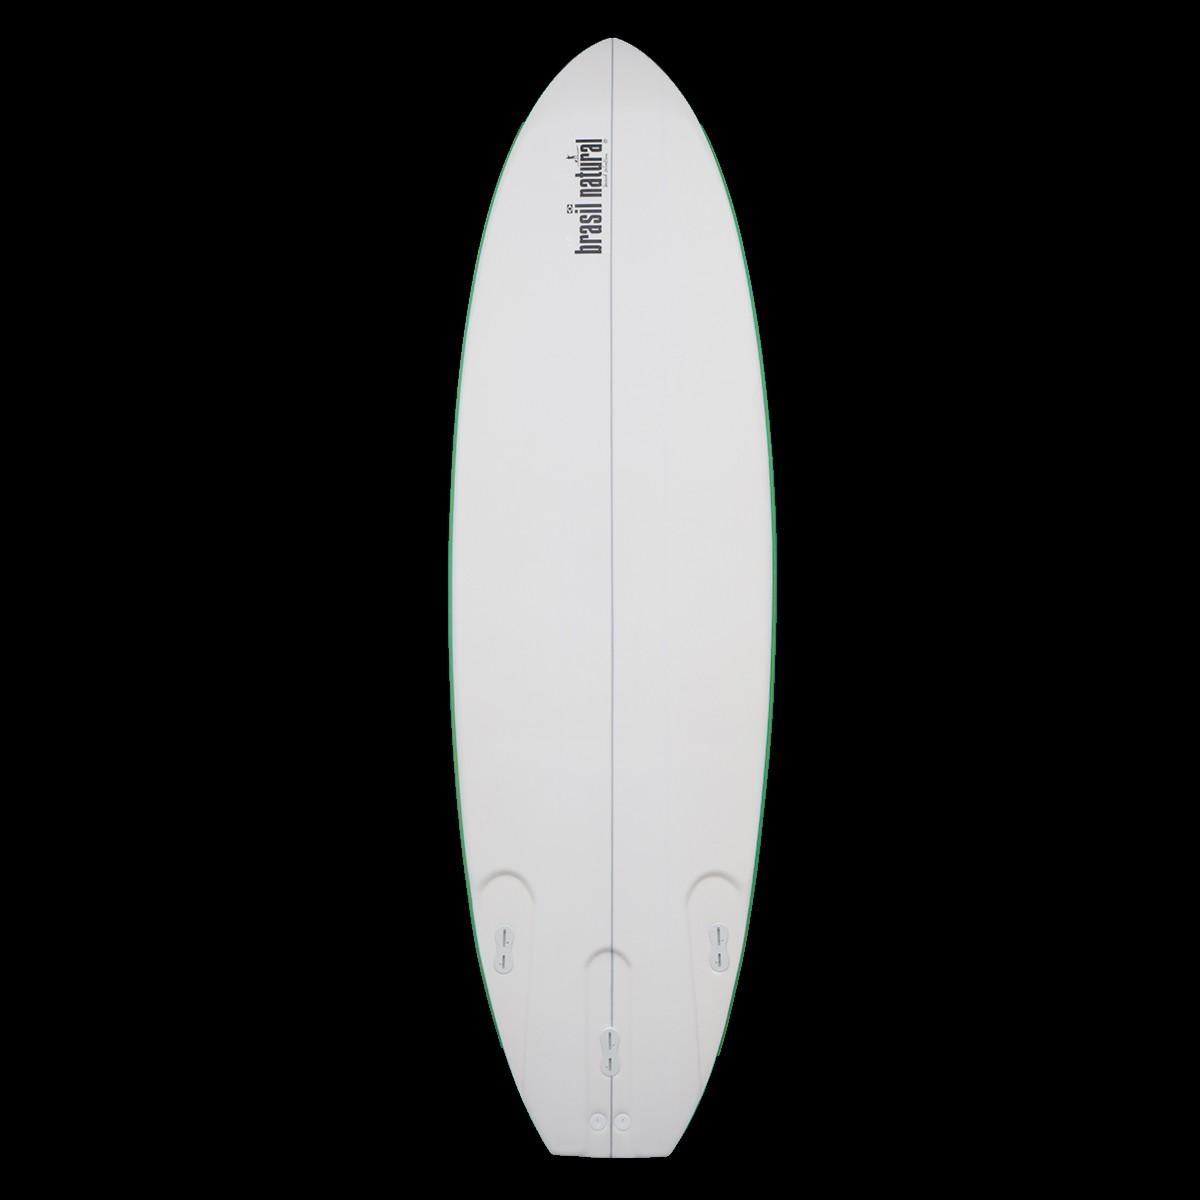 Prancha de stand up paddle 10 pés soft + kit remada - Outlet 15